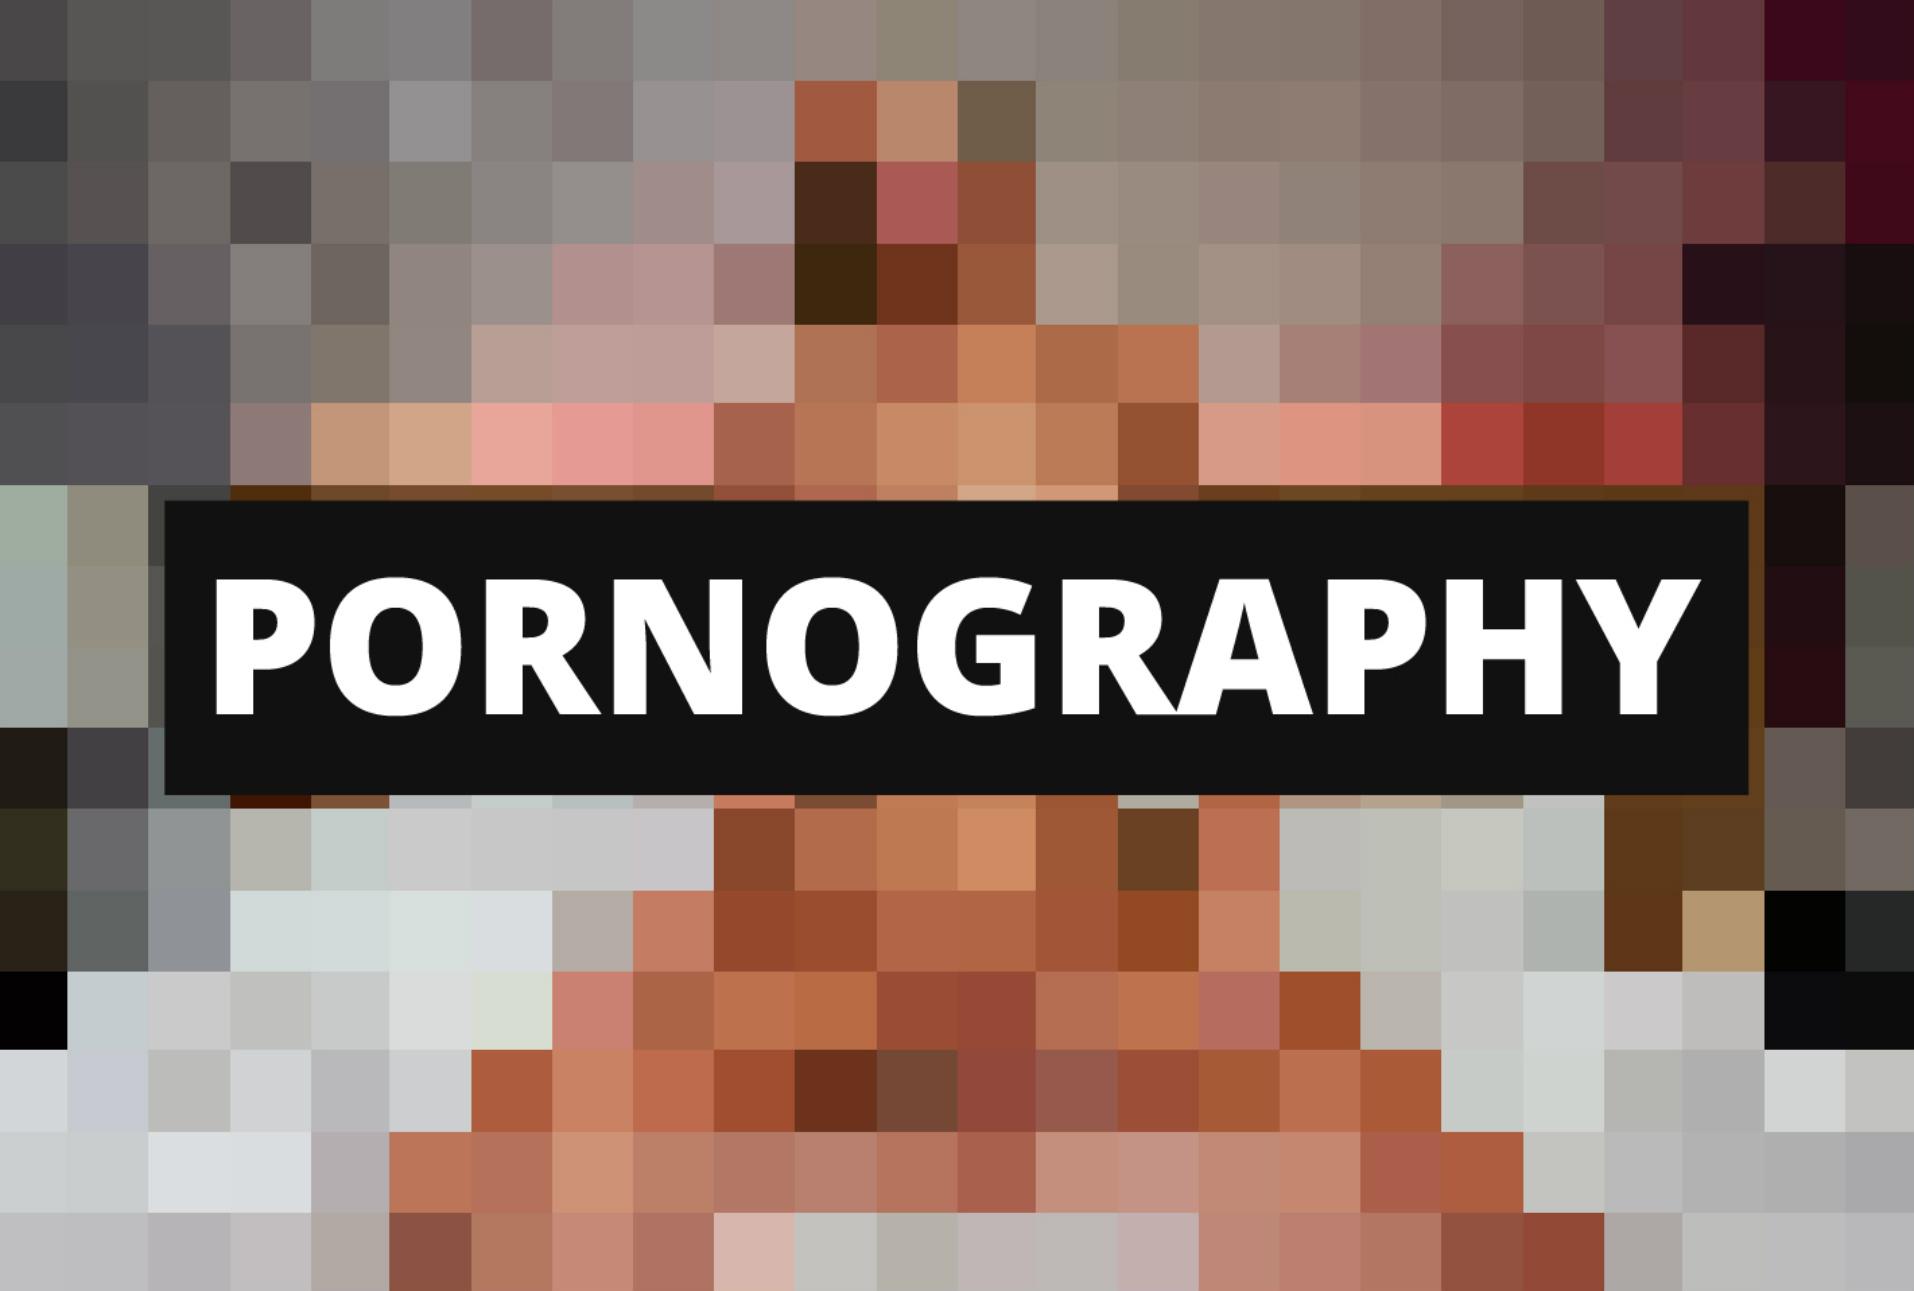 El algoritmo para filtrar pornografía de Tumblr comienza a funcionar con fallas